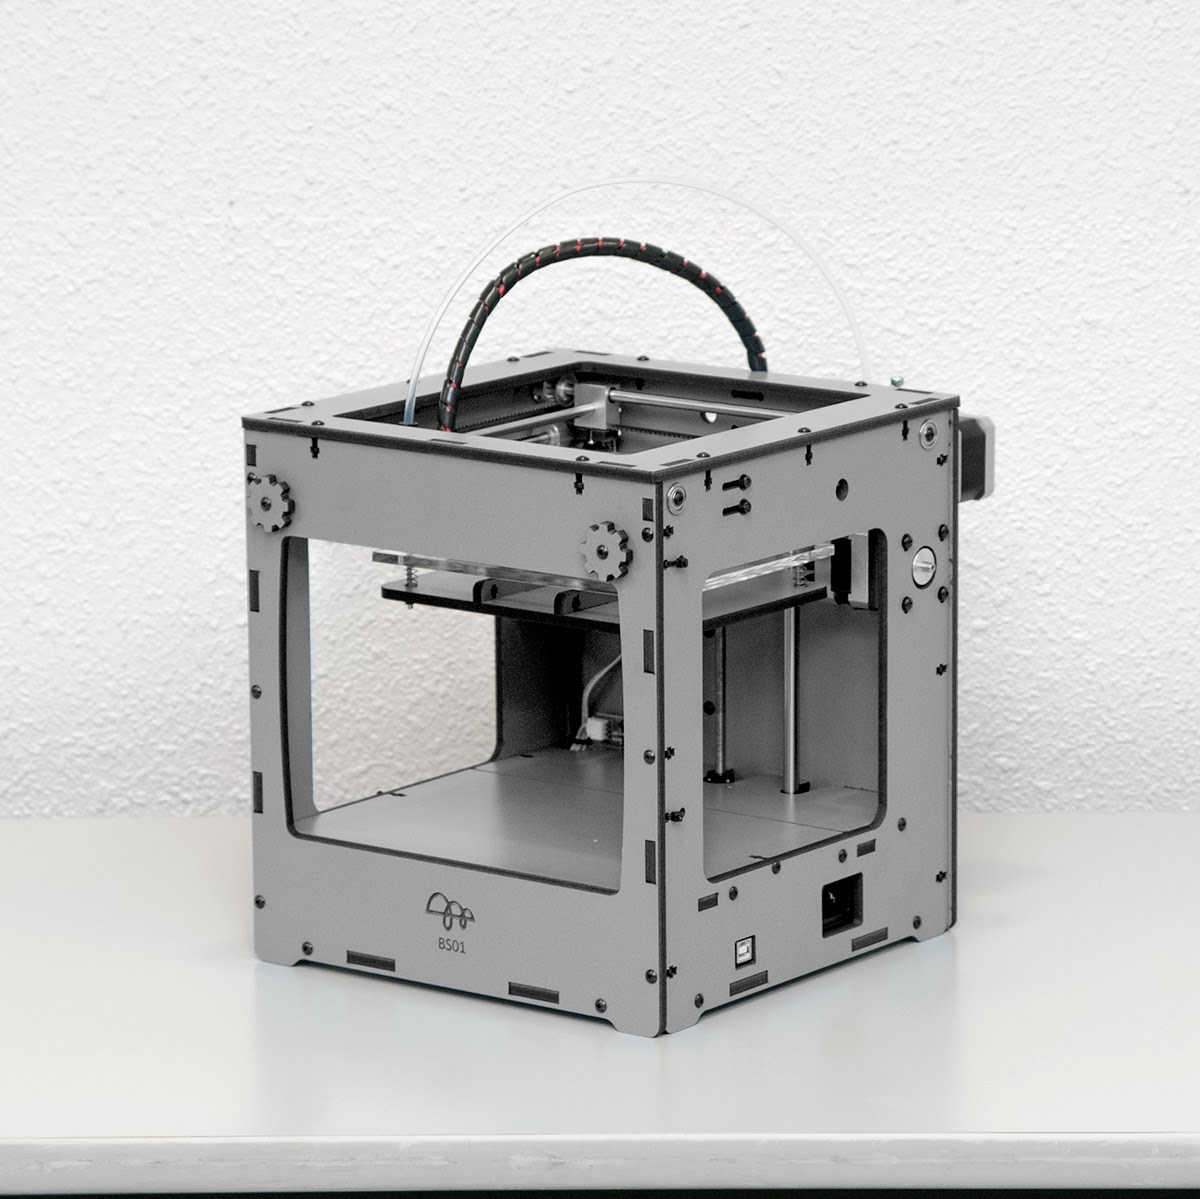 出資した超小型3Dプリンタ「BS01 BONSAI Mini」が1000万円超の資金調達に成功!